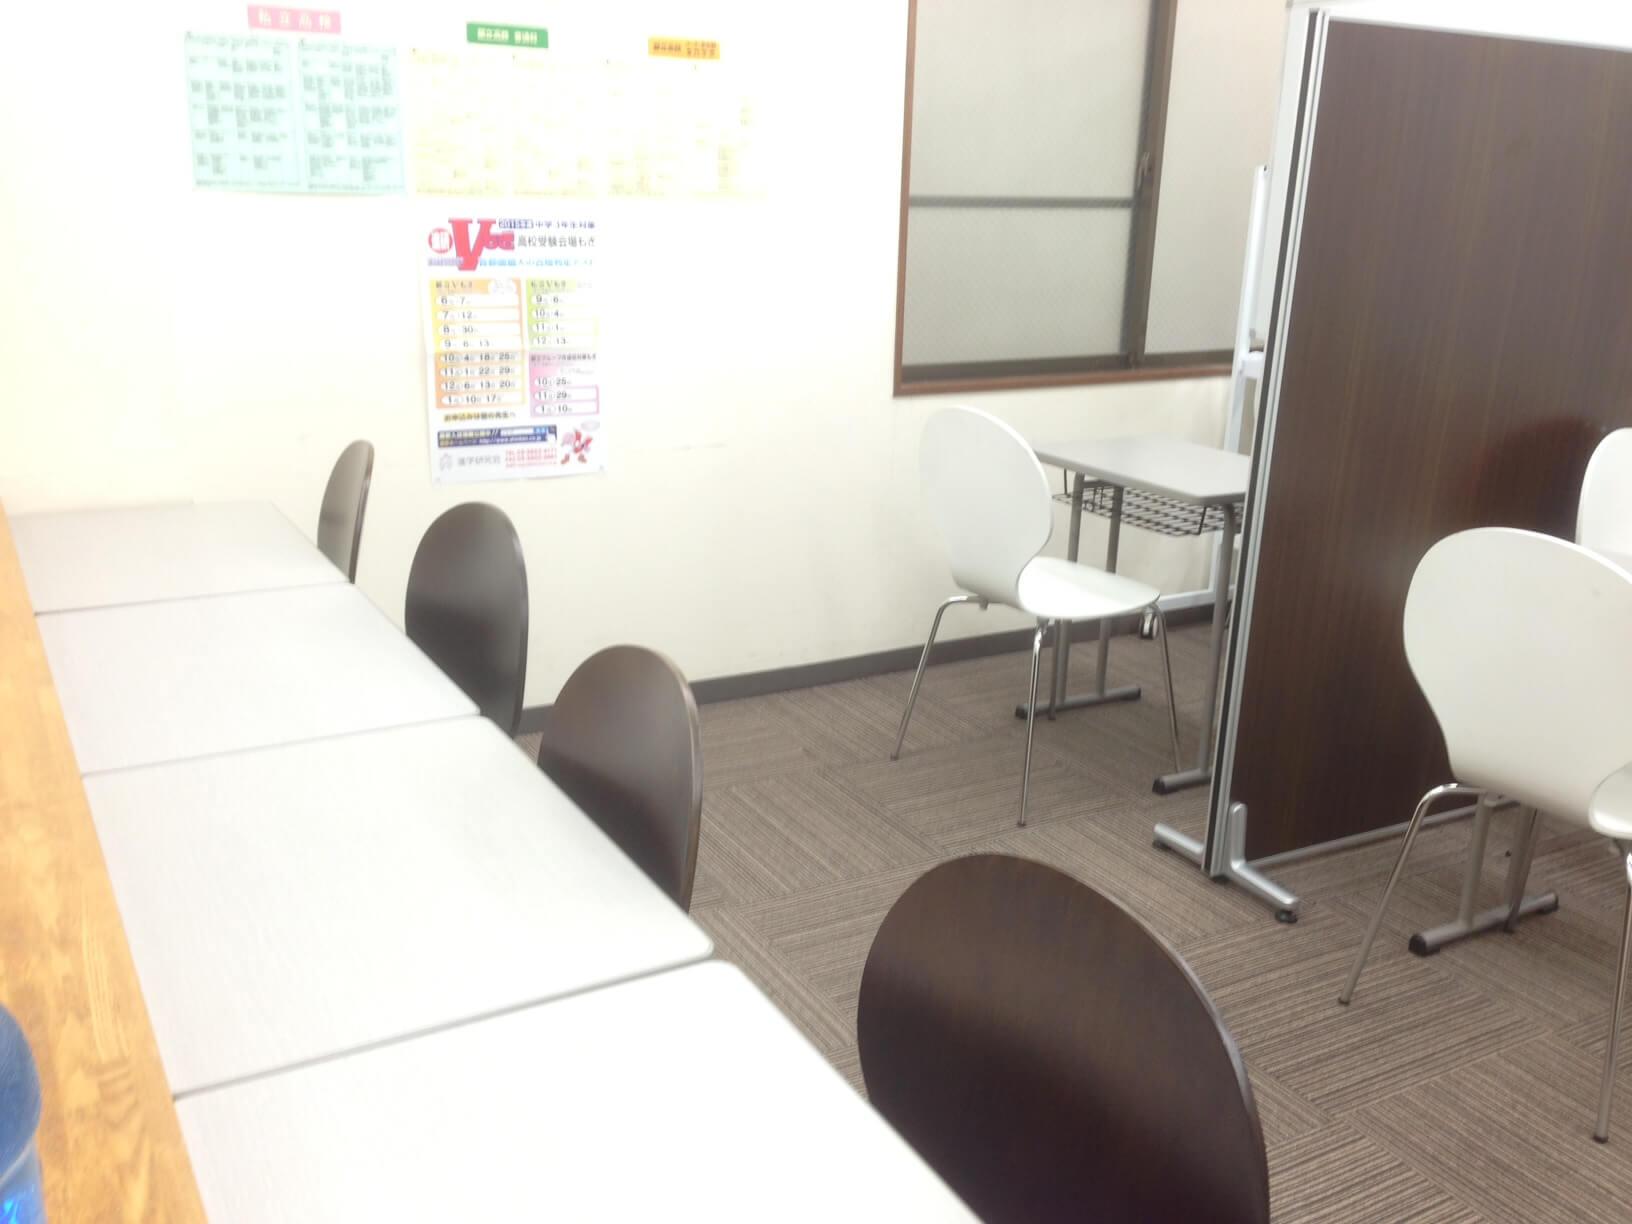 集中力を高める学習環境